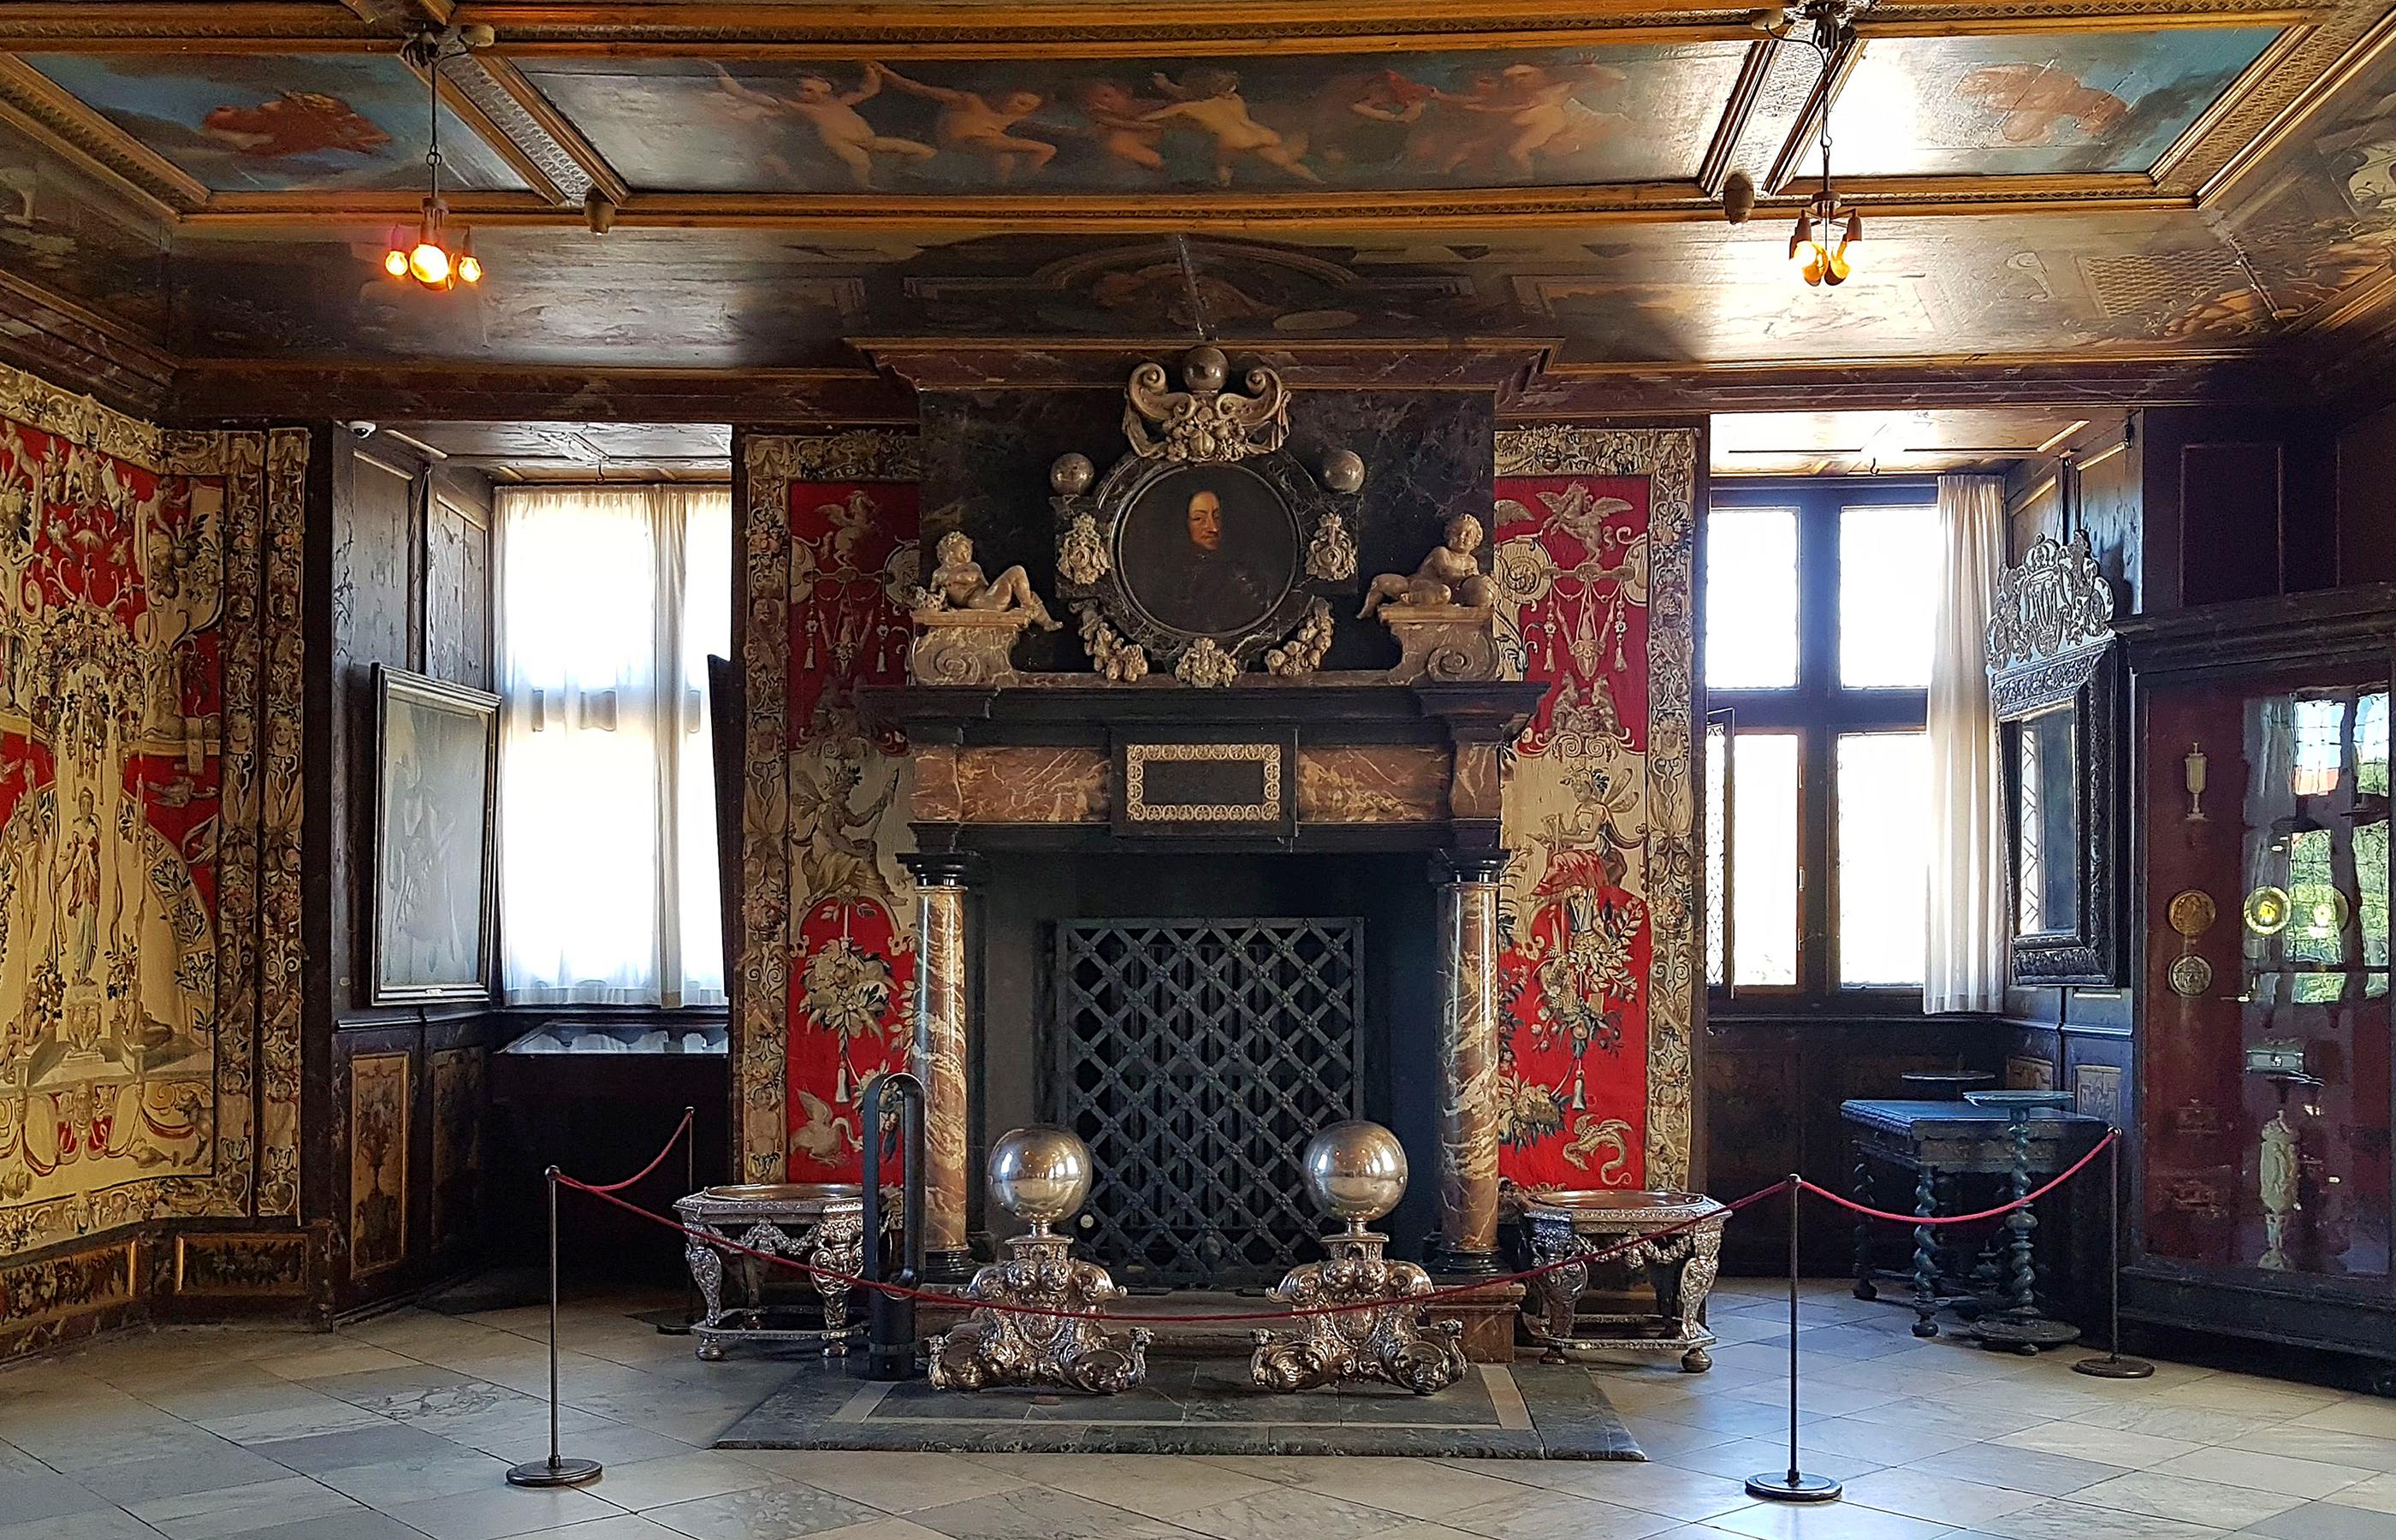 Интерьер с камином в замке Розенборг. Копенгаген